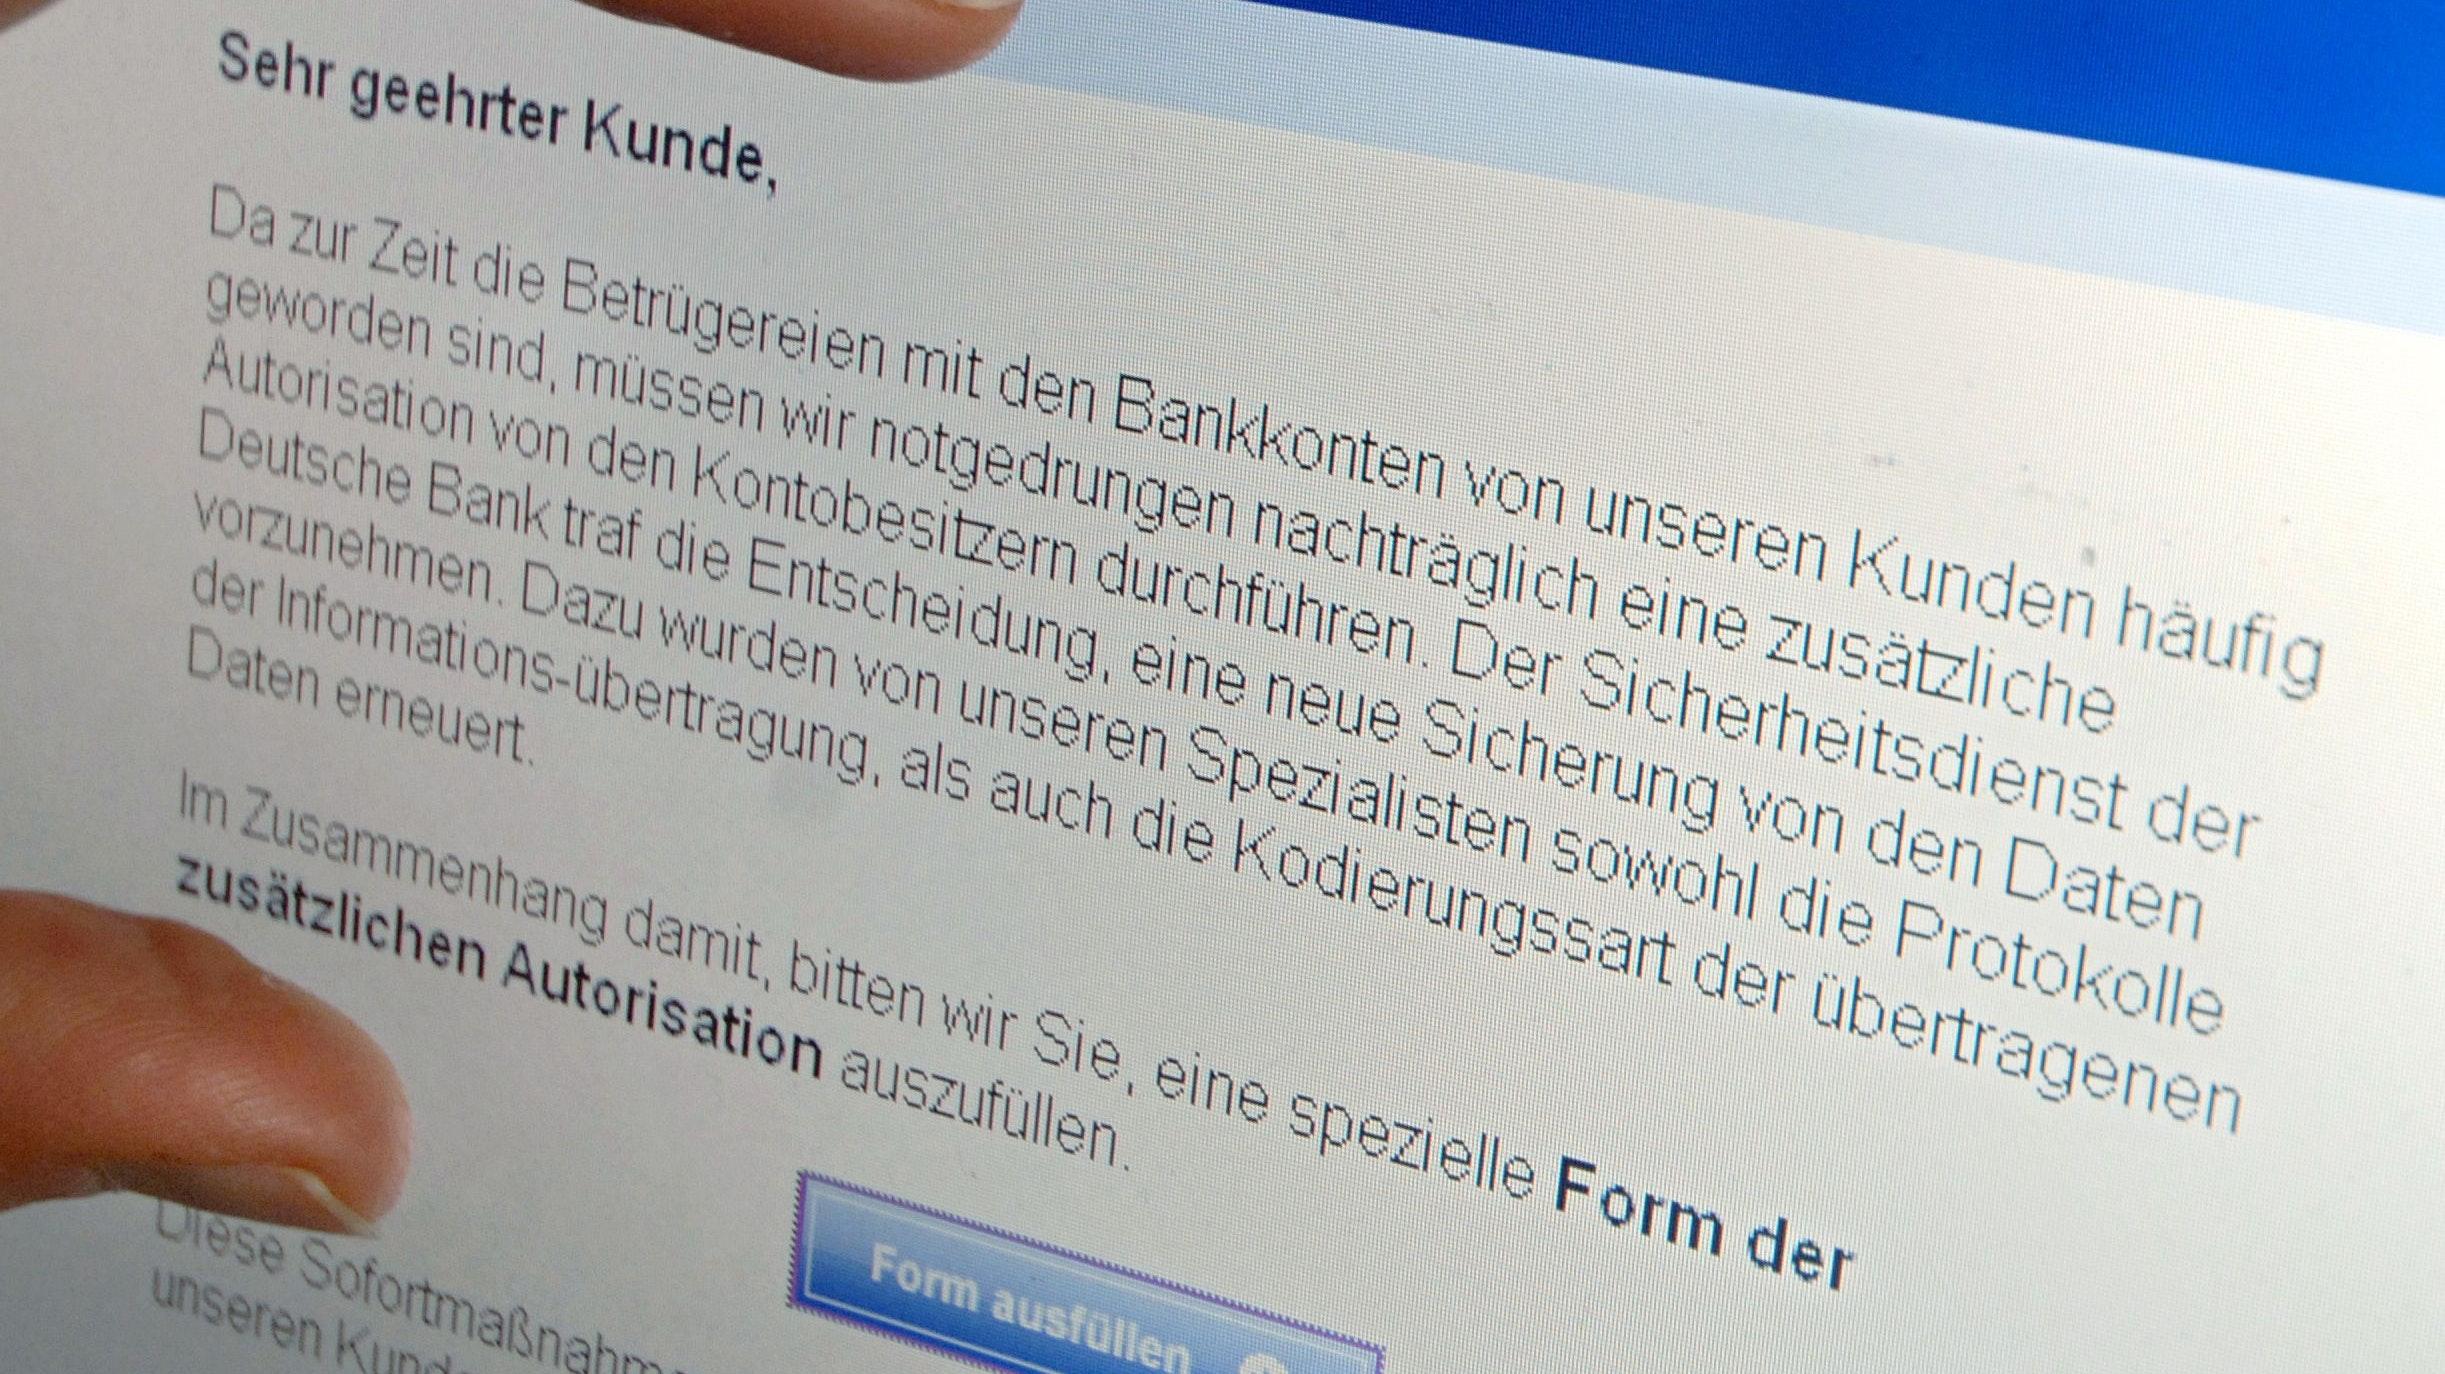 """Betrügerische """"Phishing-Mail"""": Zurzeit kursieren Mails mit einem Volksbank-Logo, mit deren Hilfe Betrüger persönliche Daten abgreifen wollen. Symbolfoto: dpa / Roessler"""